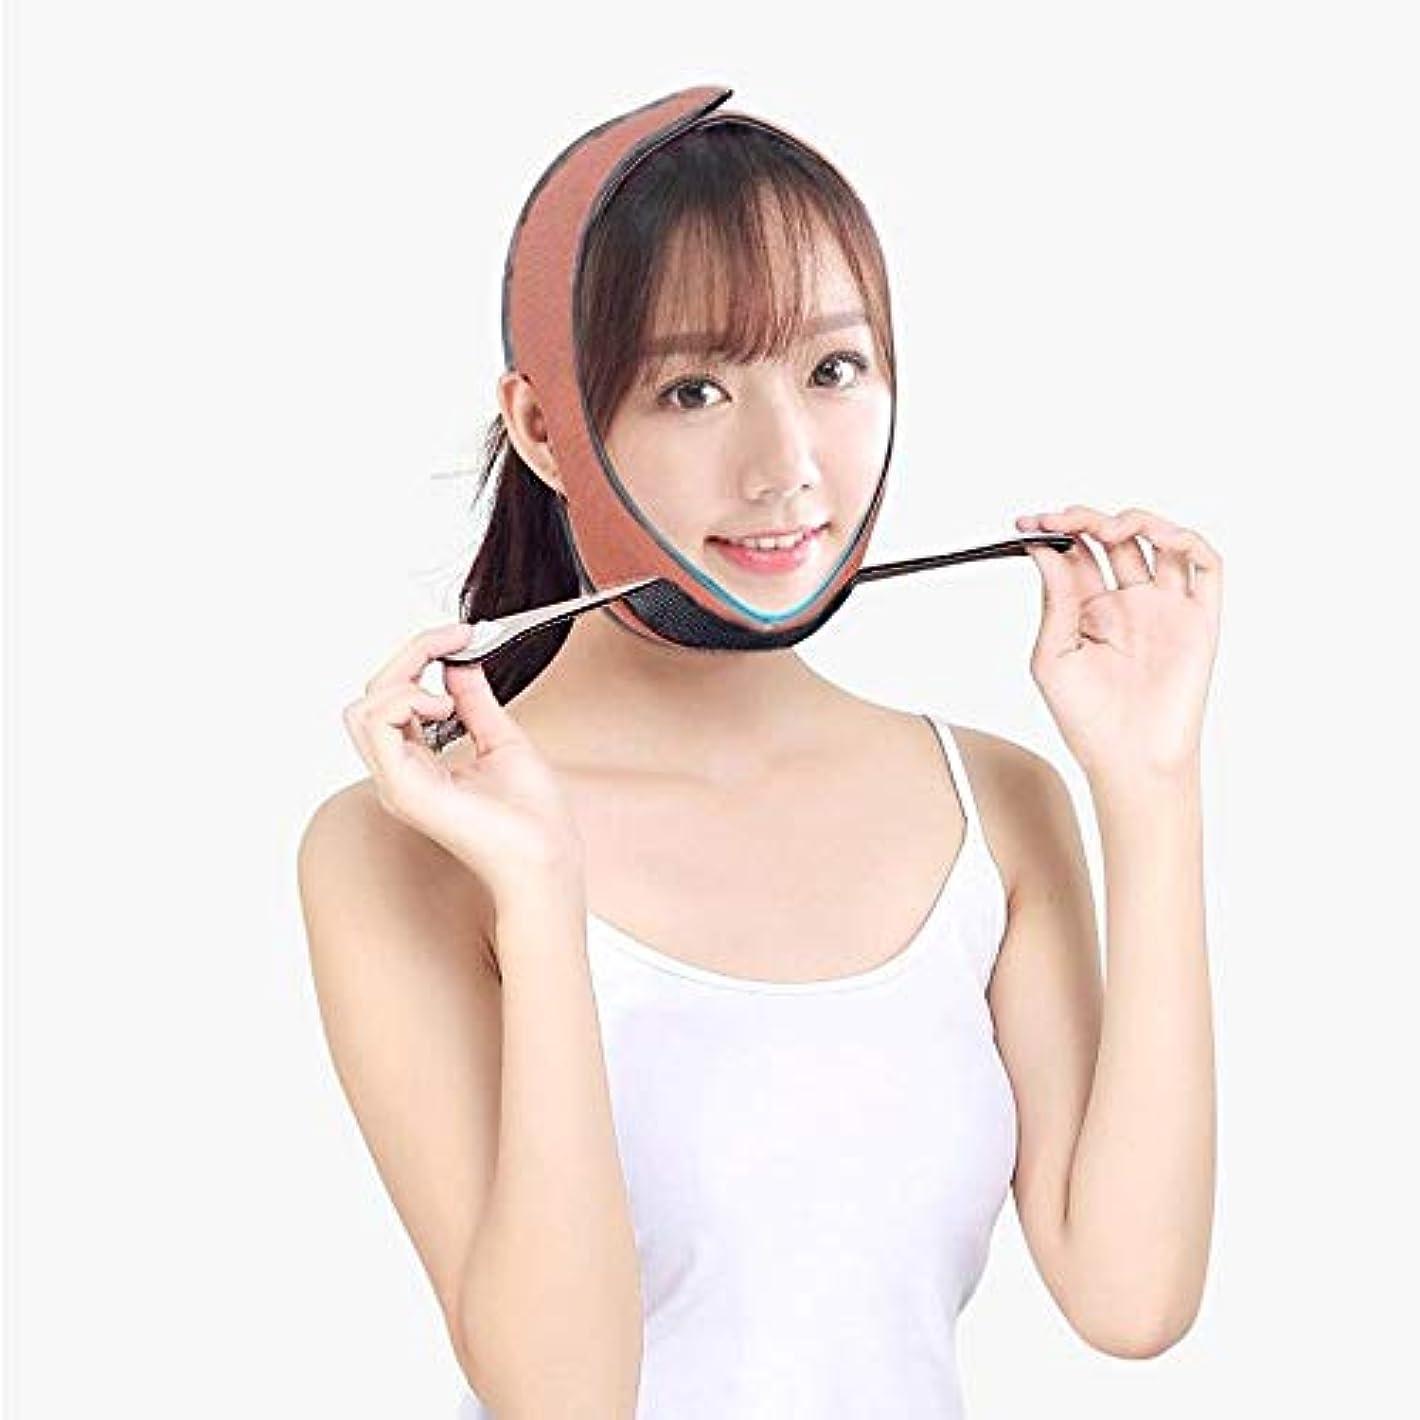 彼女自身アスペクトパトロールフェイスリフティングベルト、フェイスリフティング包帯顔の形をしたV字型包帯通気性の低下した二重あごアンチエイジング引き締め肌 (Color : Brown)